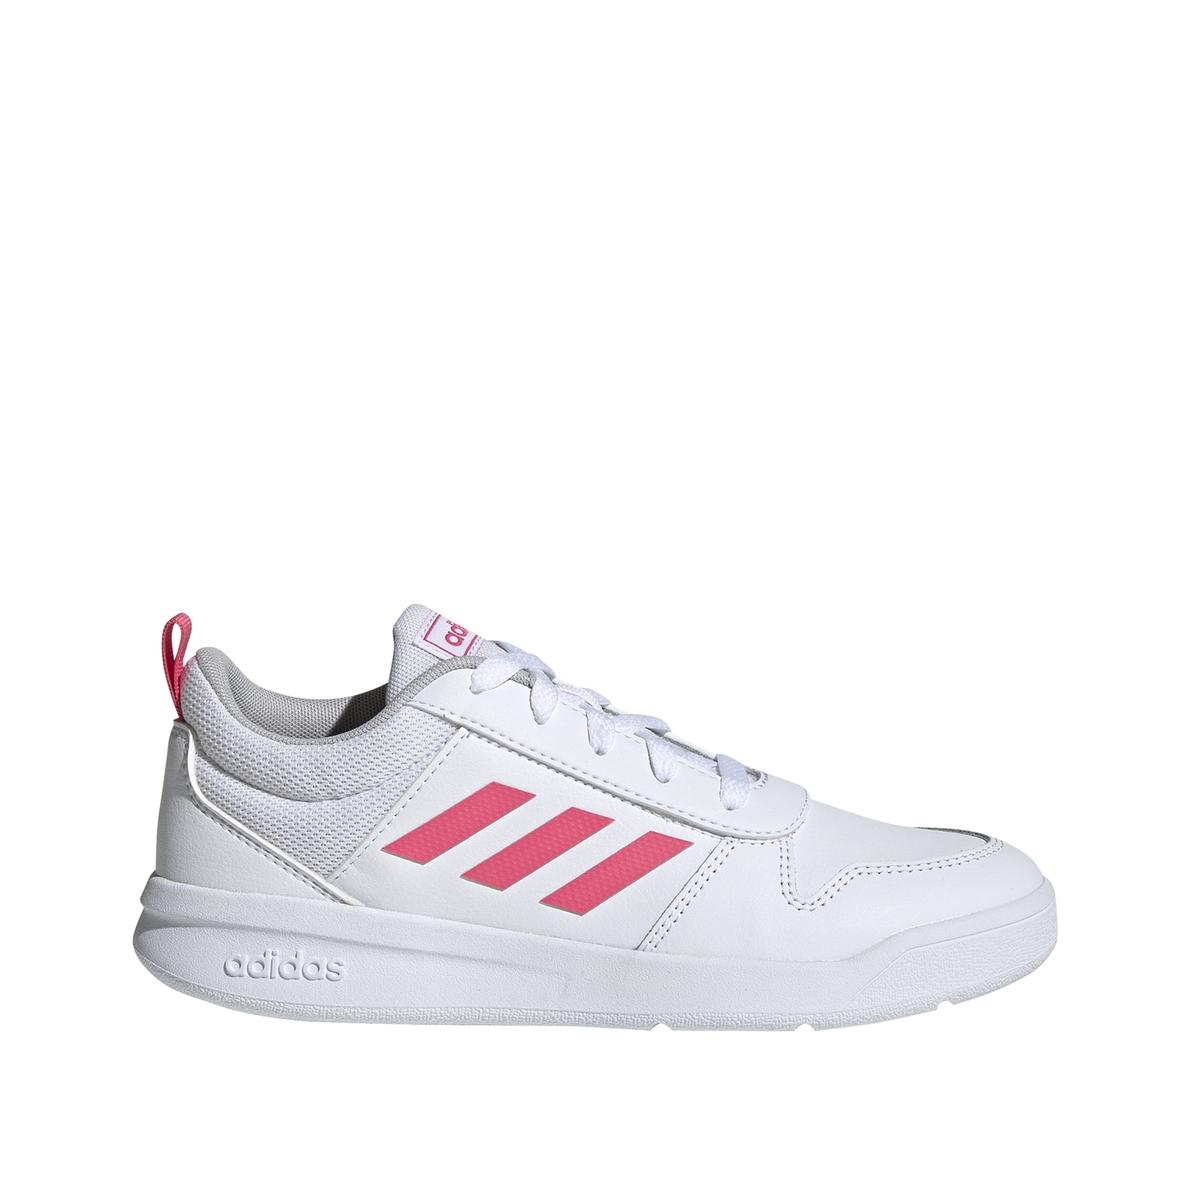 Adidas Performance Tensaur K hardloopschoenen wit/roze meisjes online kopen